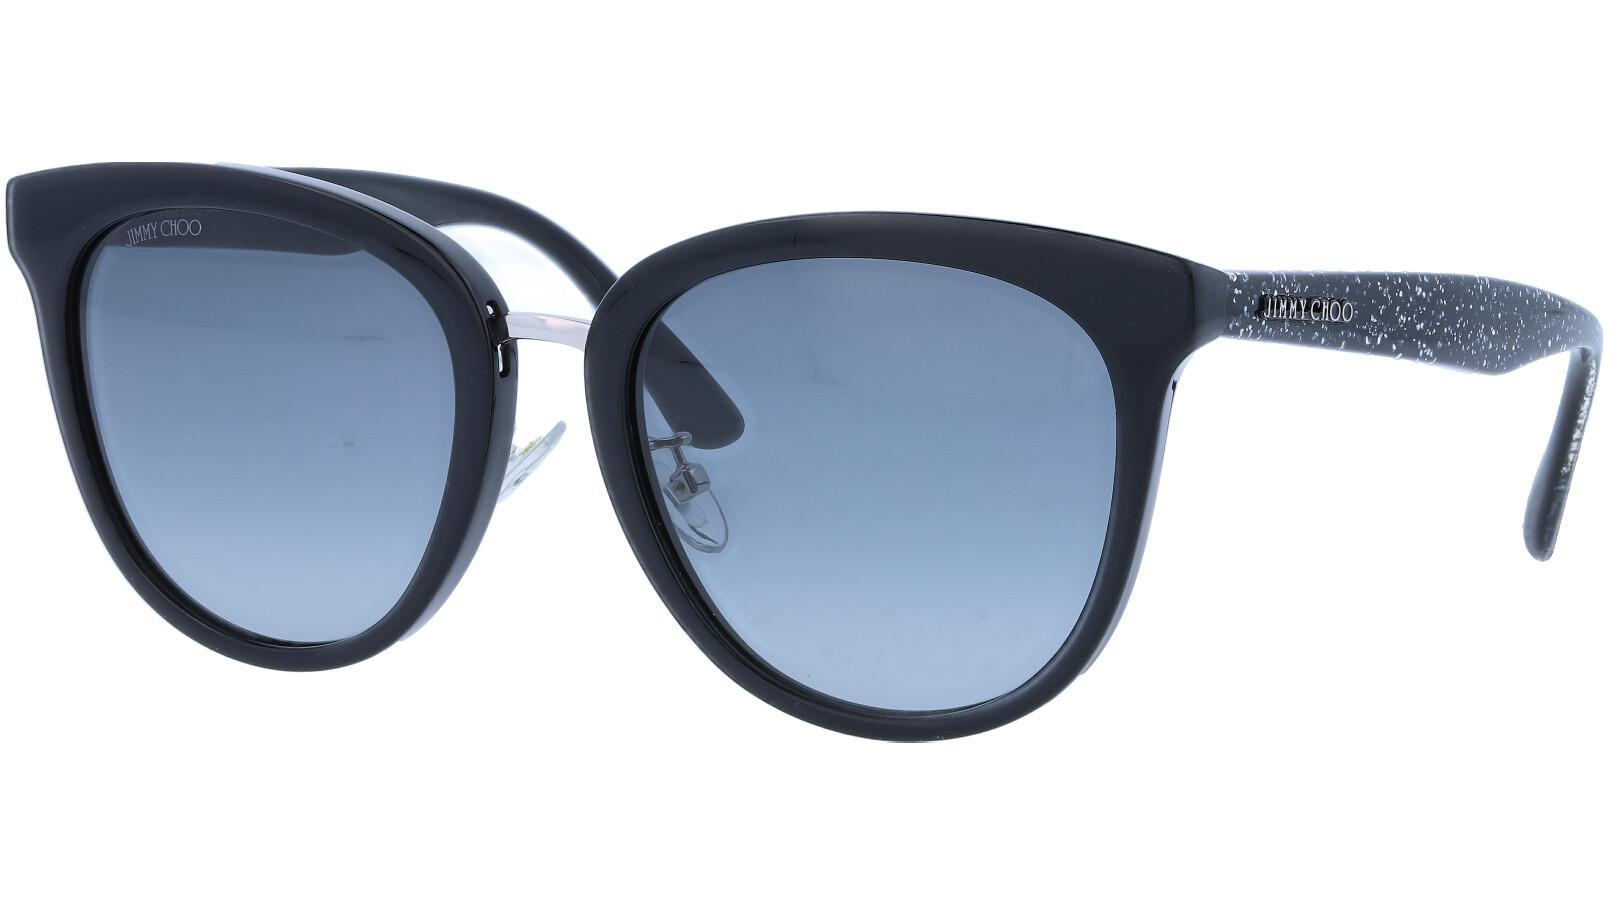 JIMMY CHOO CADEFS KDZNQ NUDEGL Sunglasses